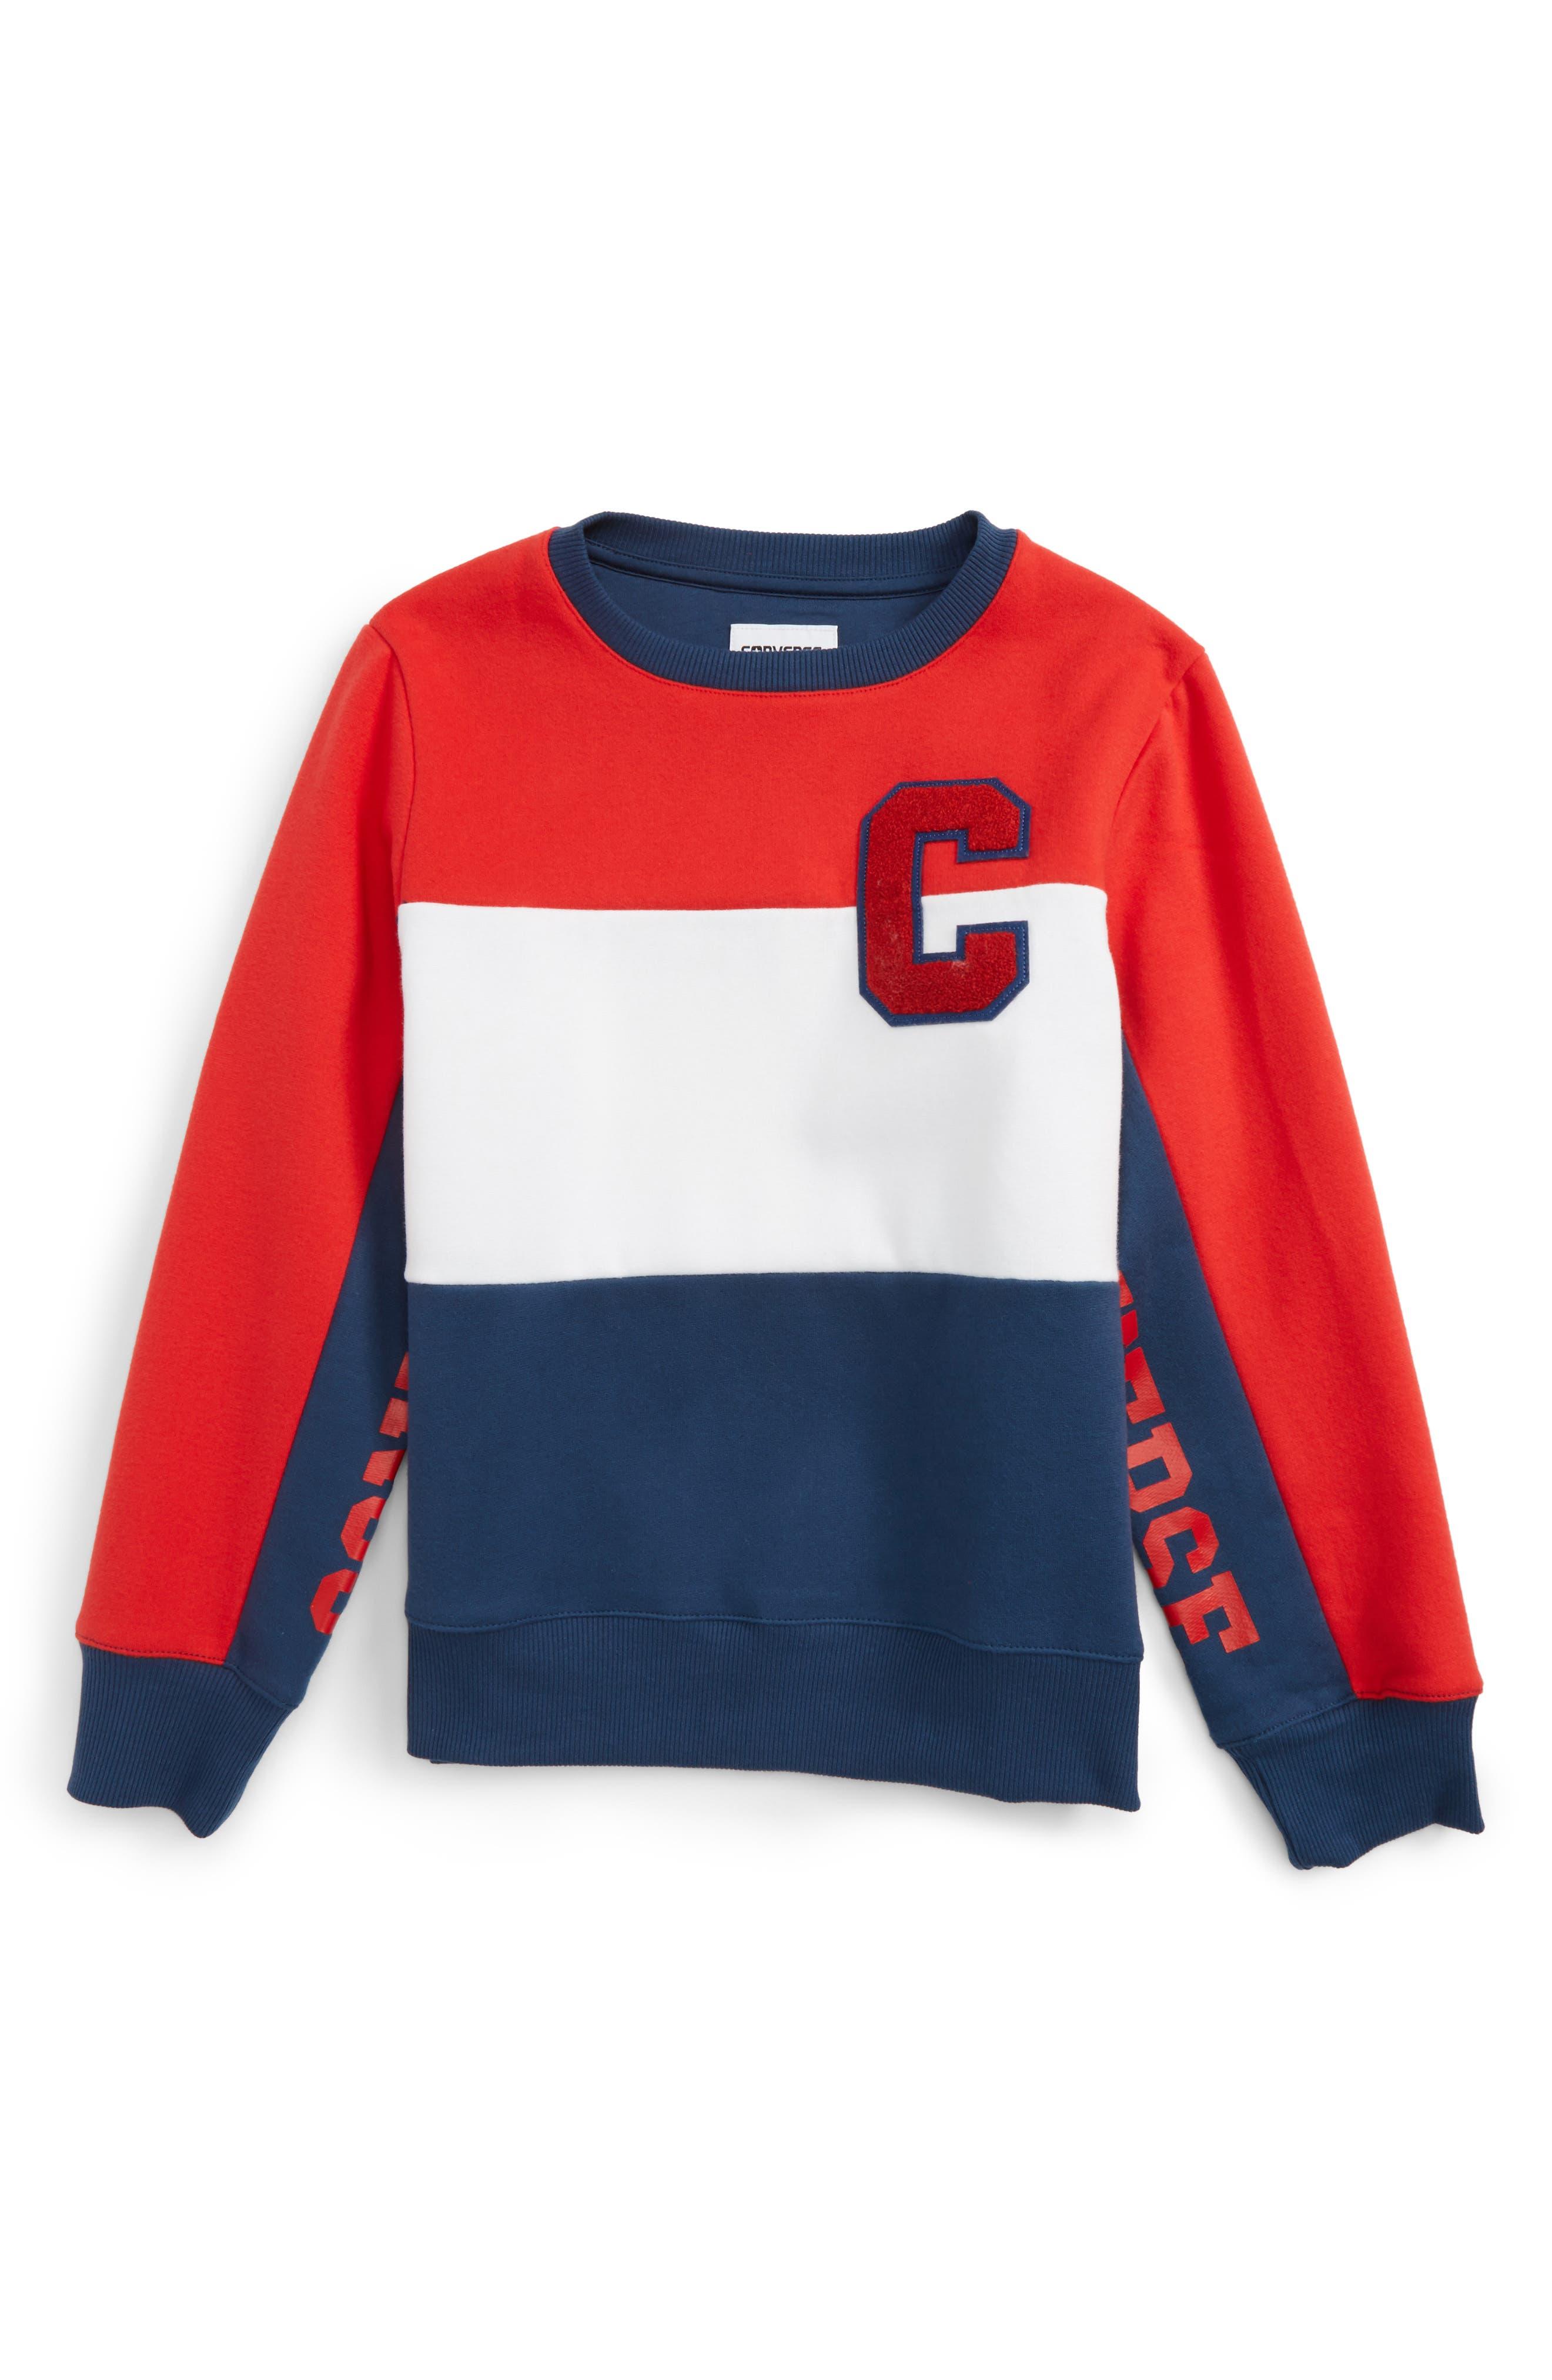 Converse Colorblock Sweatshirt (Big Boys)